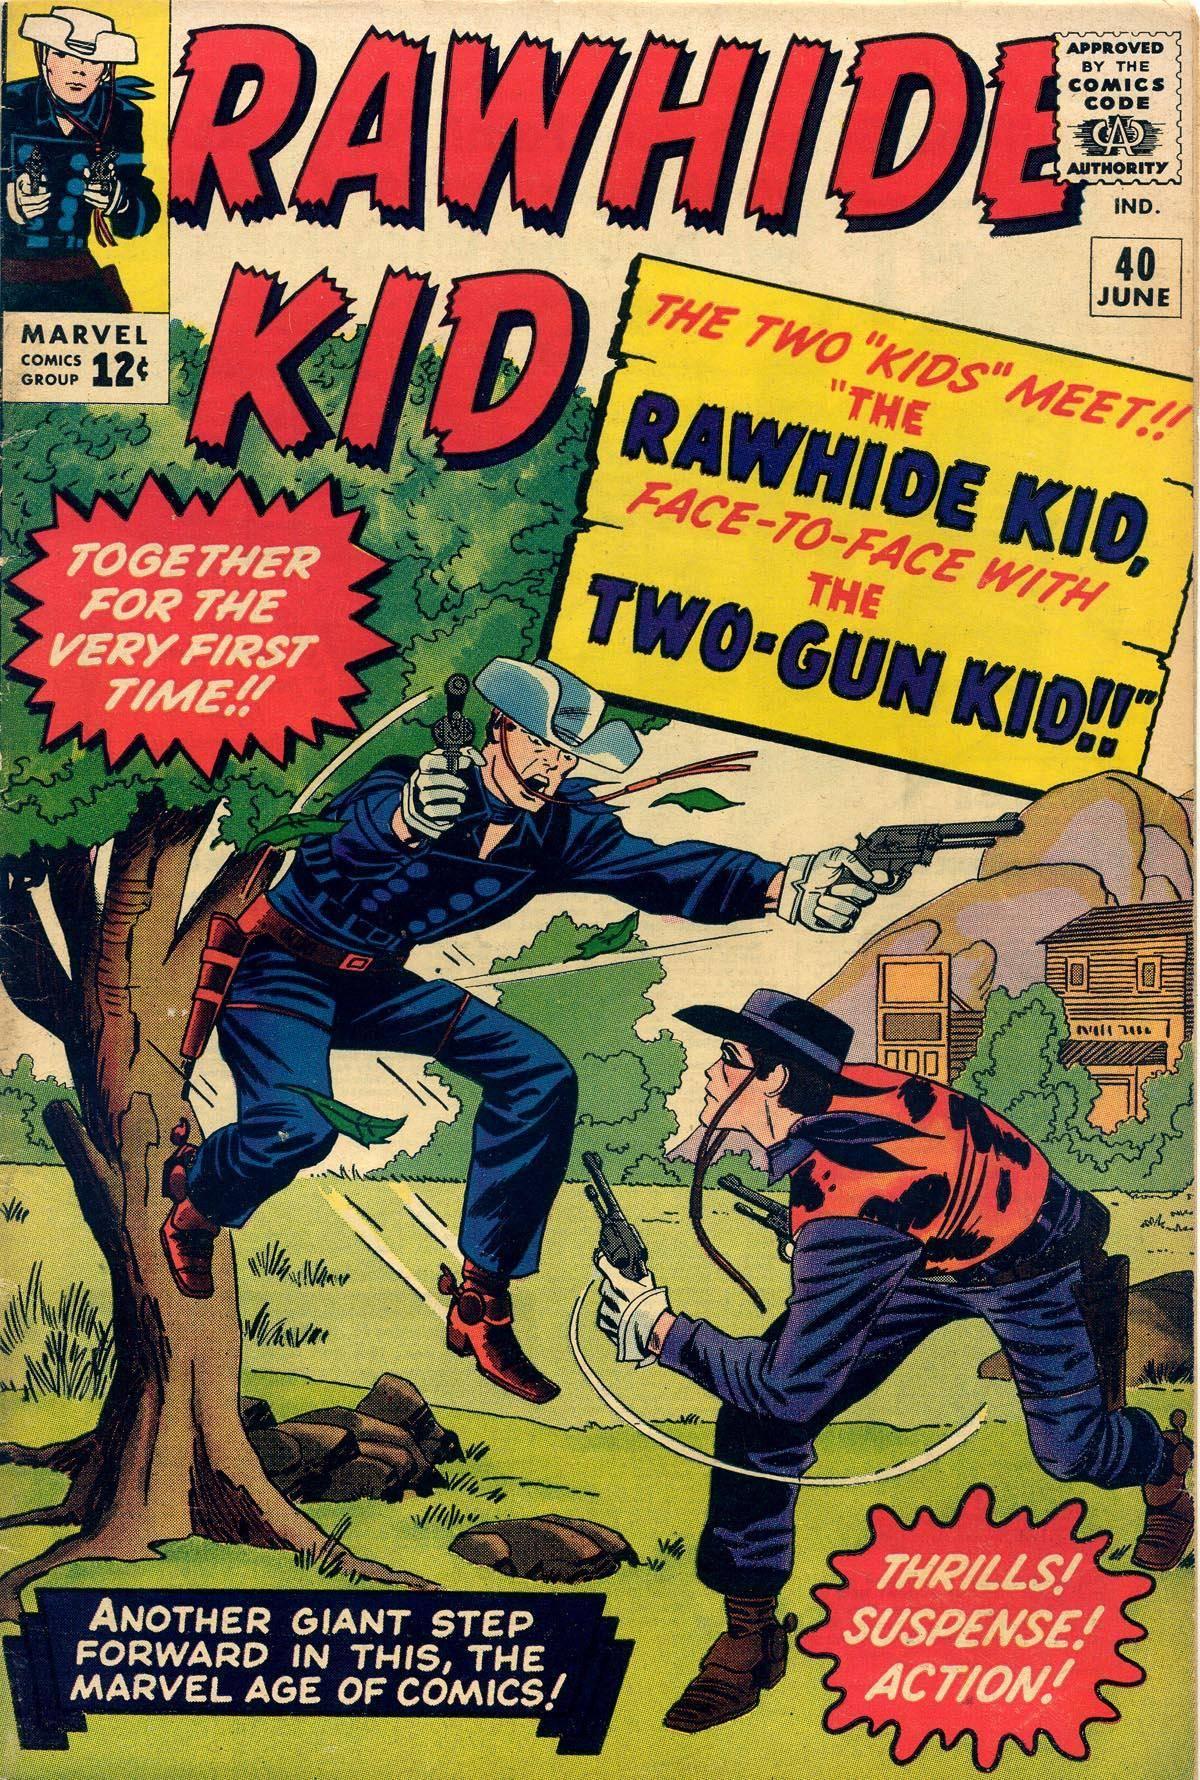 Rawhide Kid v1 040 1964 Punkrat